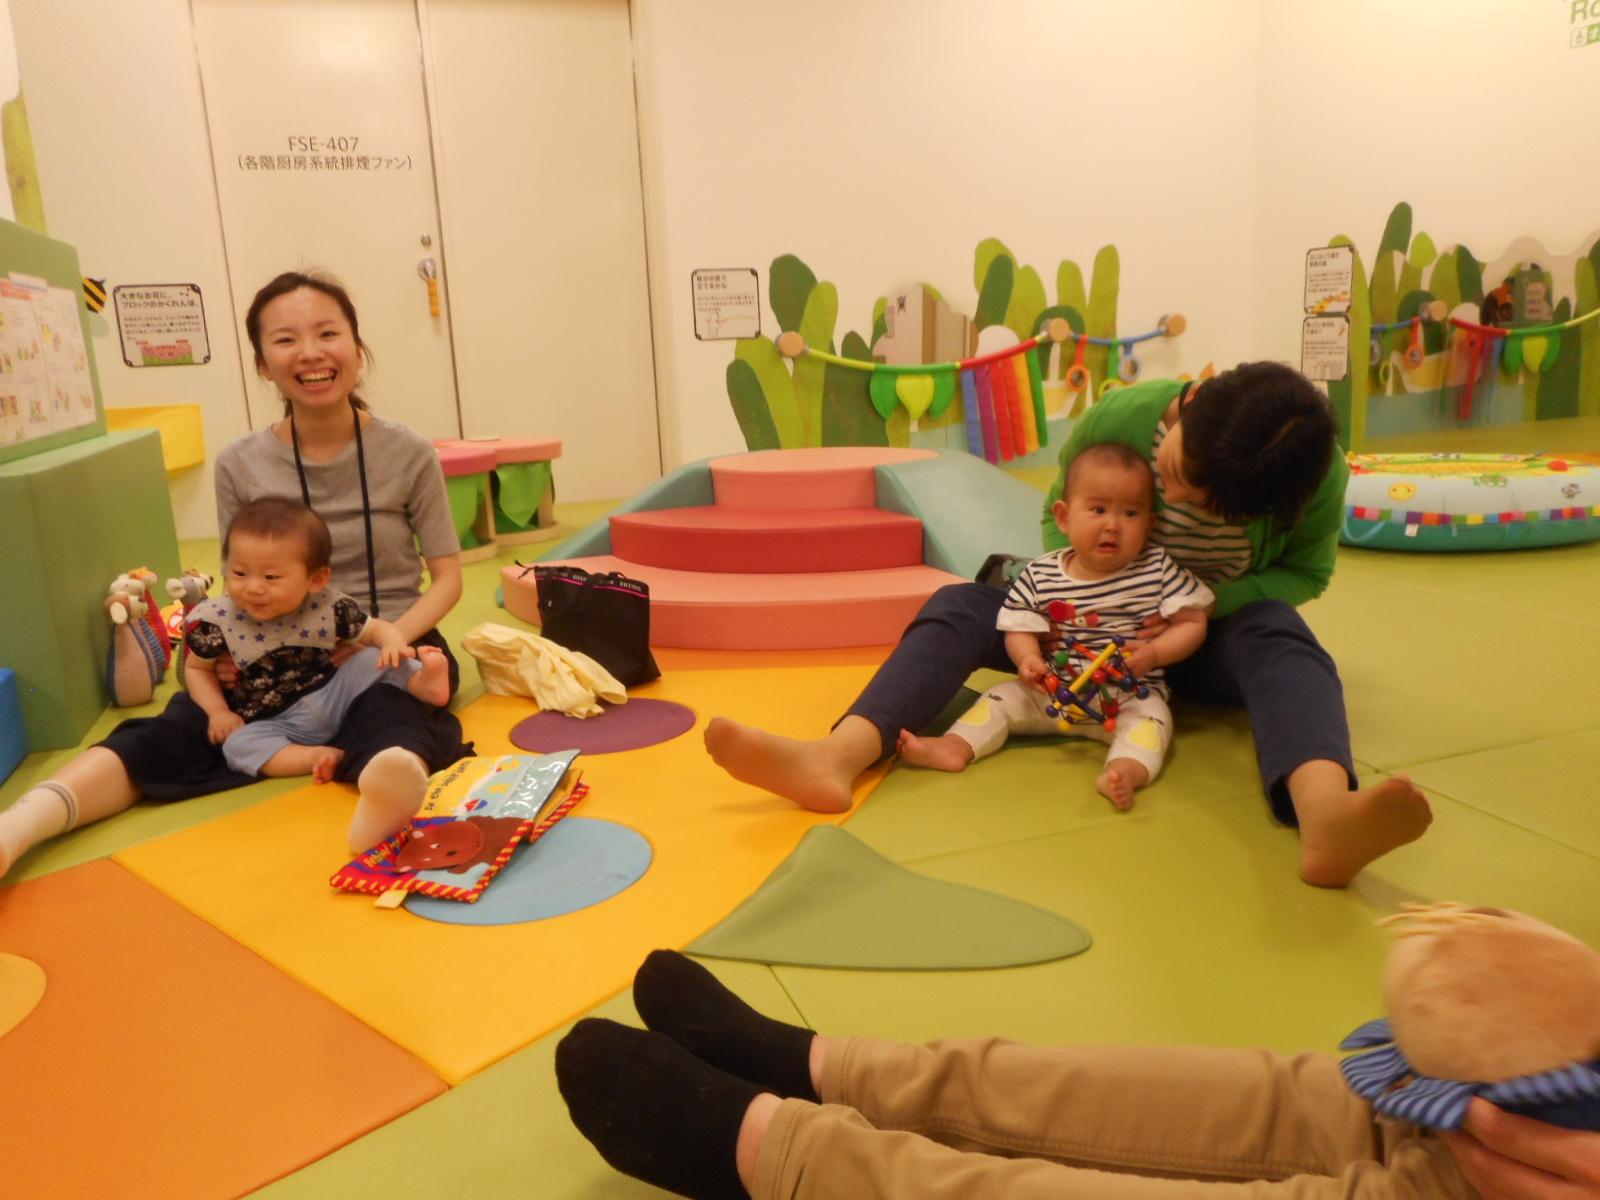 6月 赤ちゃんの日のイベントの様子 Part1